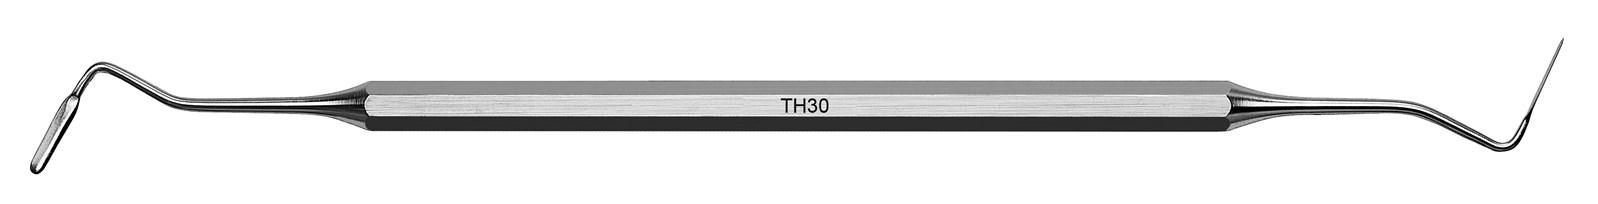 Periotom - TH30, ADEP šedý